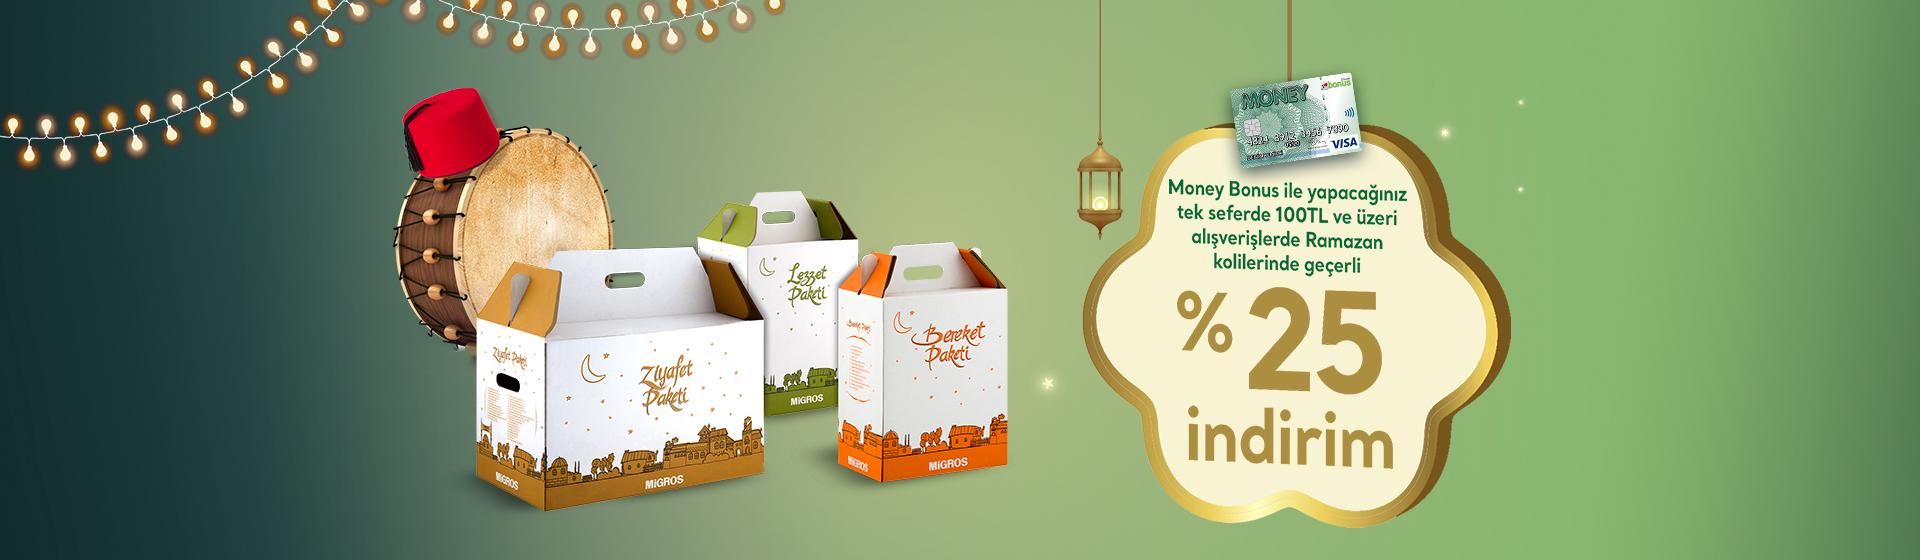 Money Bonus Ramazan Kolisi Kampanyası